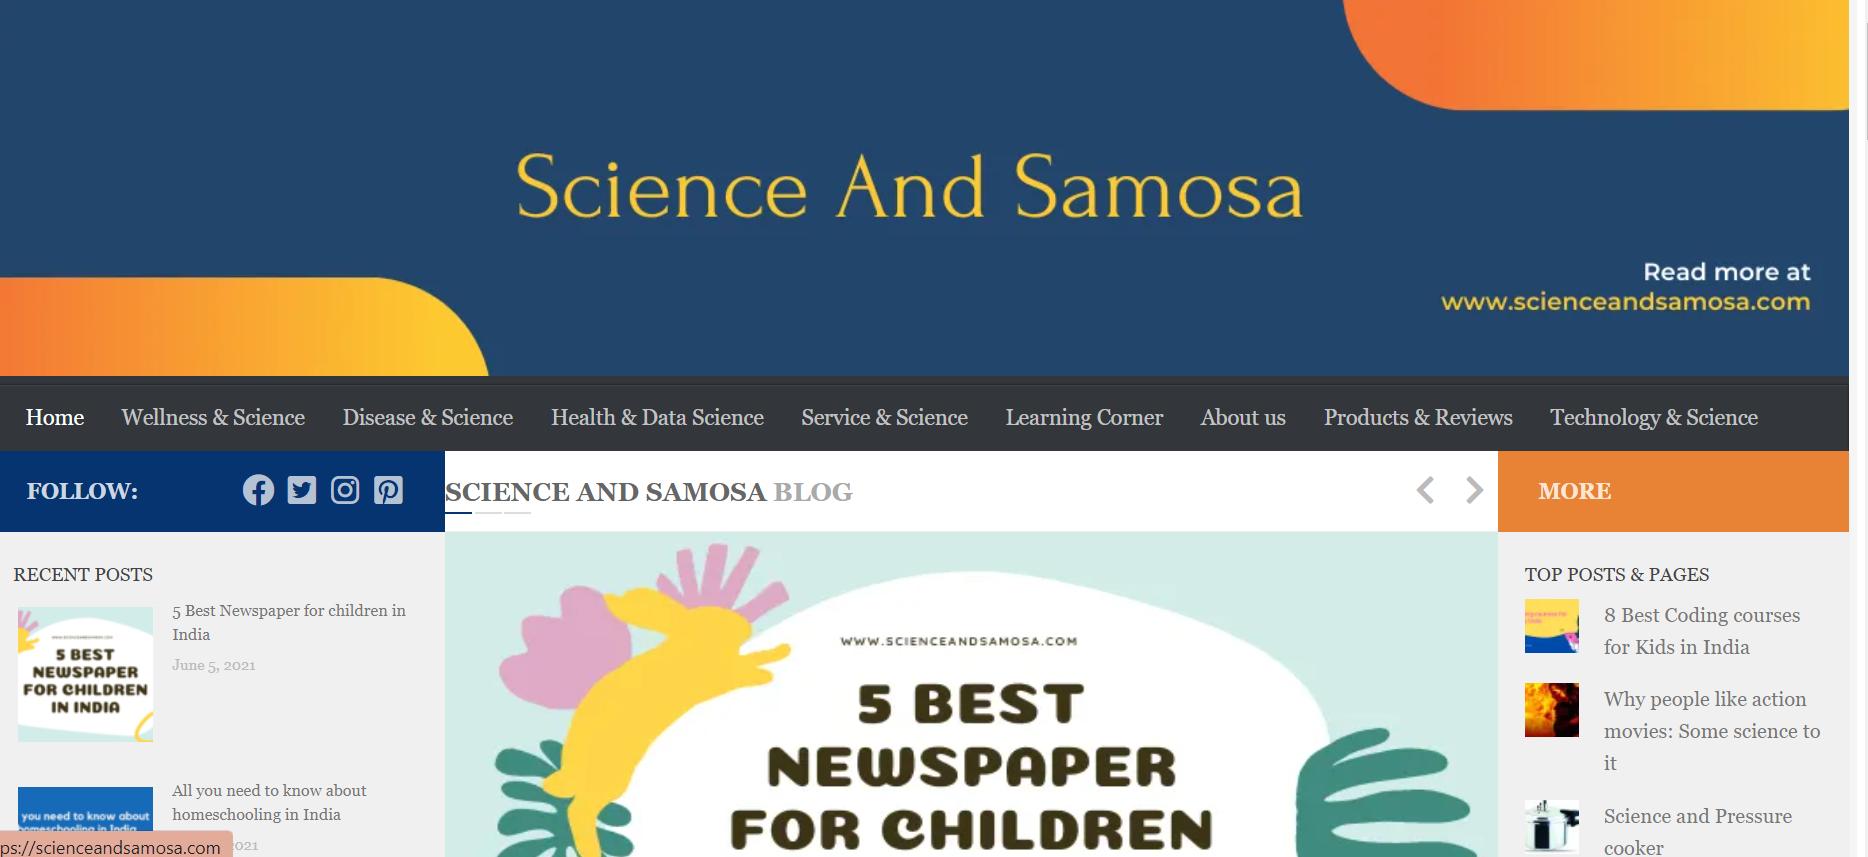 ScienceandSamosa